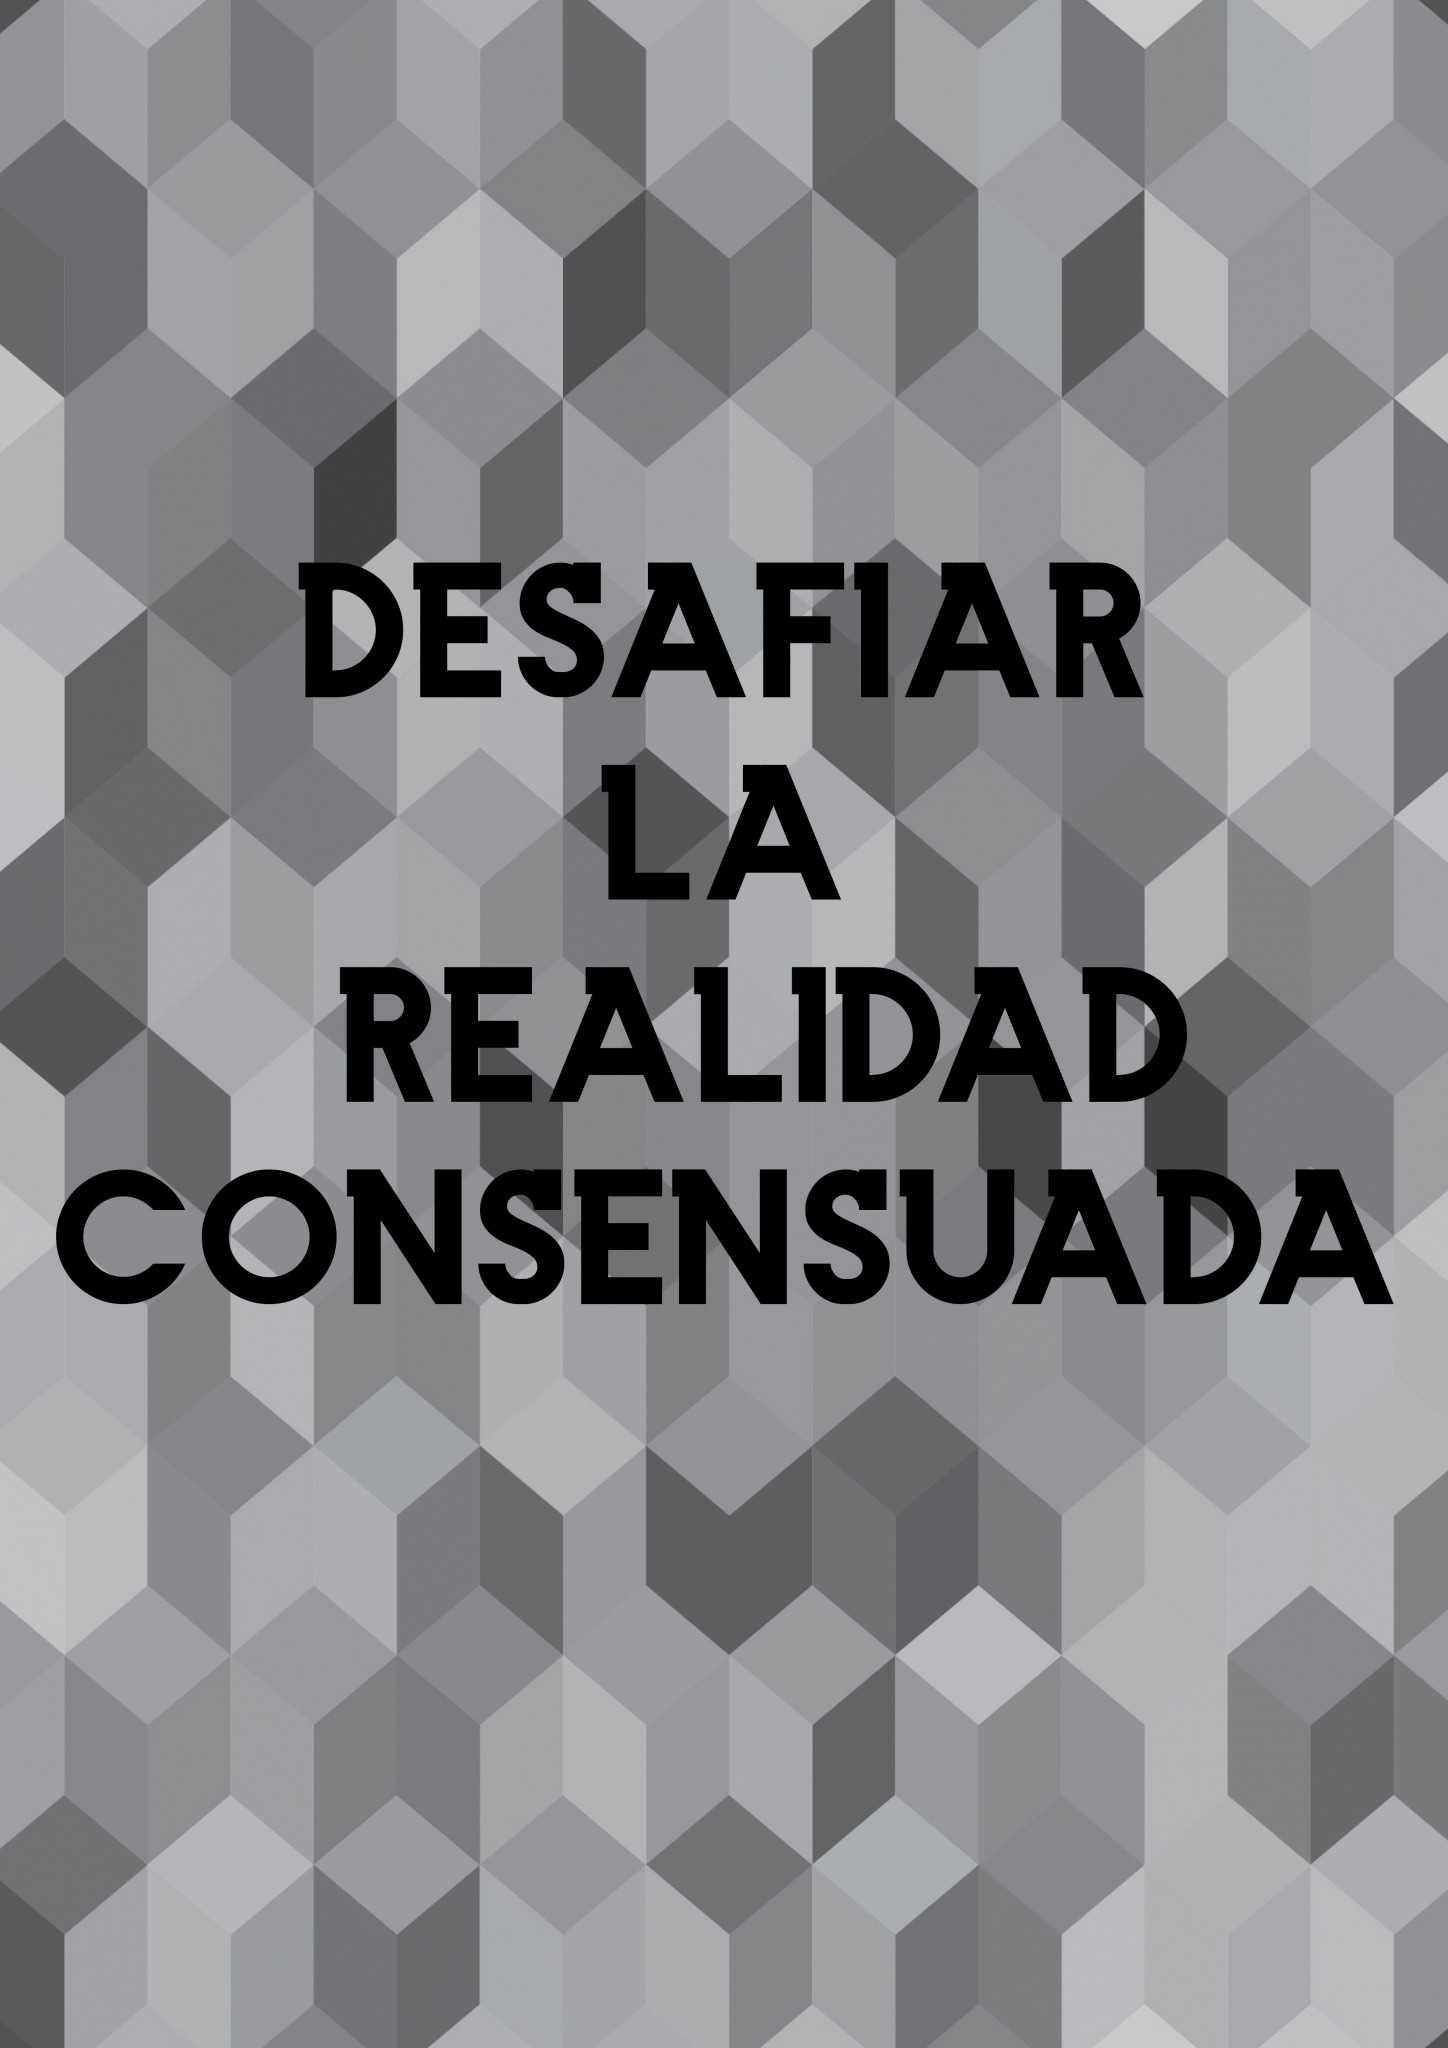 Desafiar la realidad consensuada